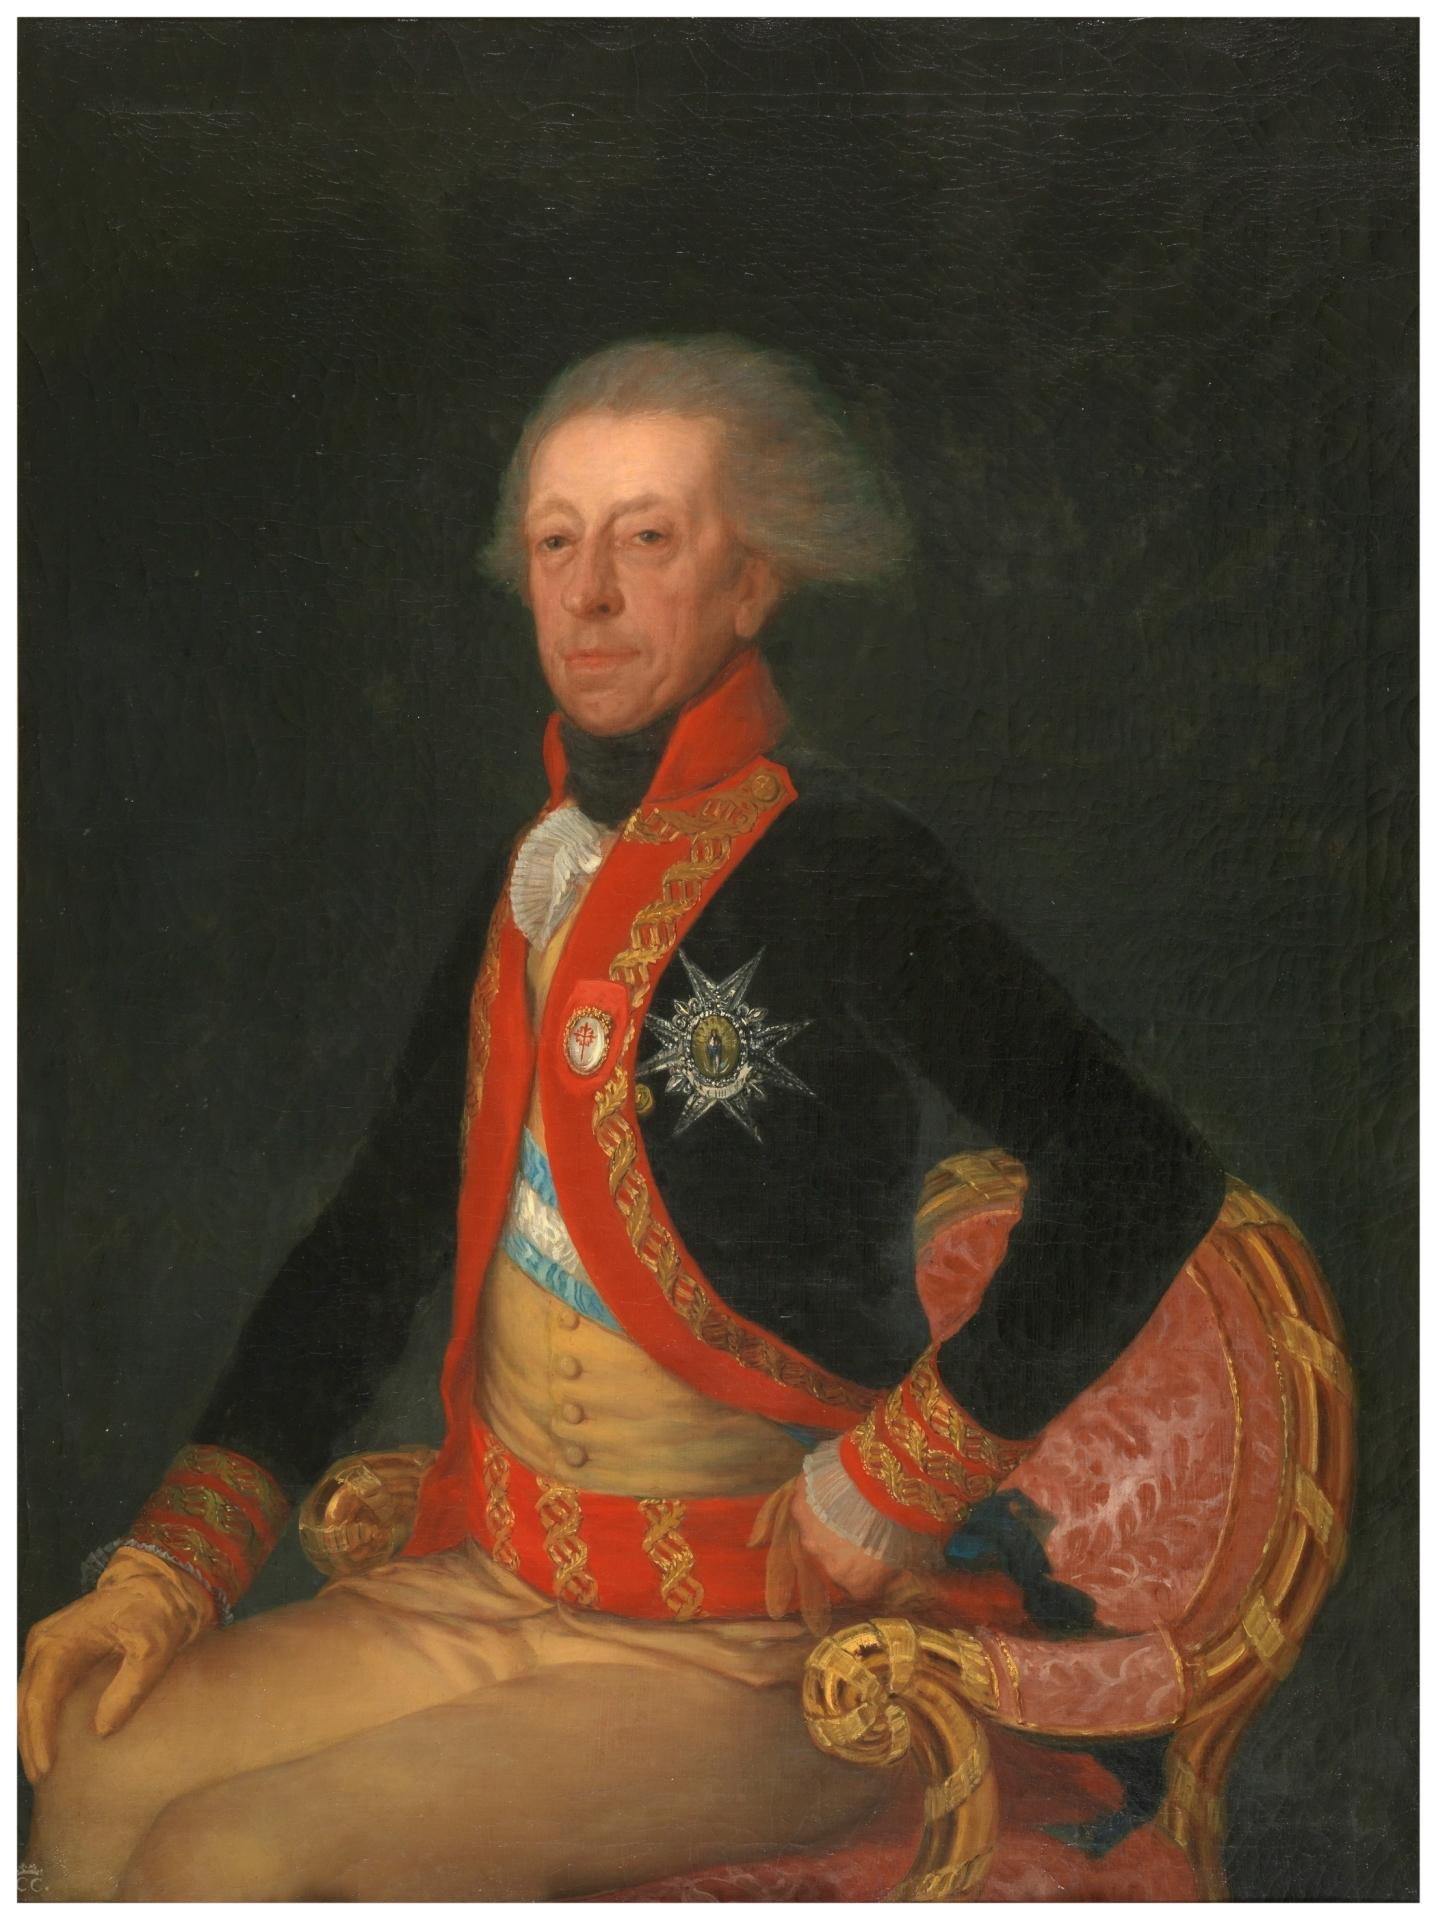 d88b72a5a6c7 General Antonio Ricardos - The Collection - Museo Nacional del Prado